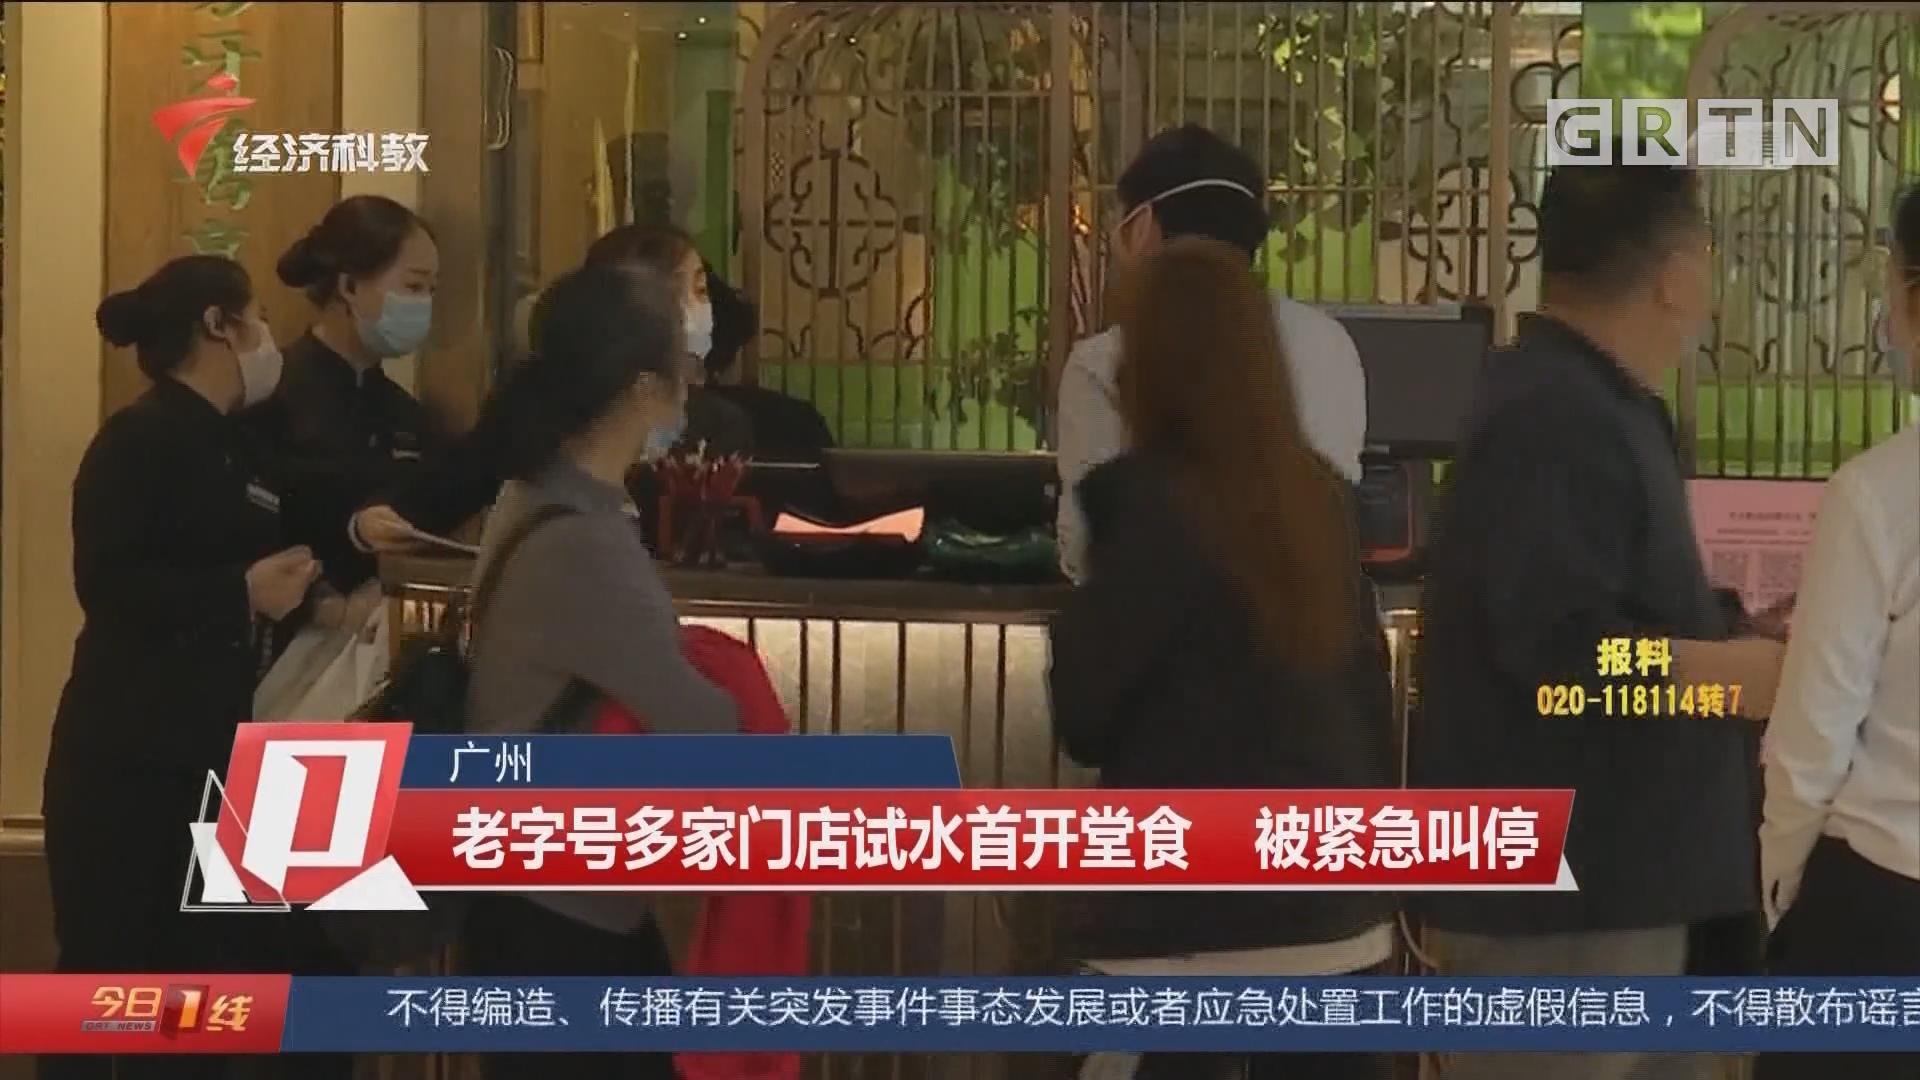 广州:老字号多家门店试水首开堂食 被紧急叫停